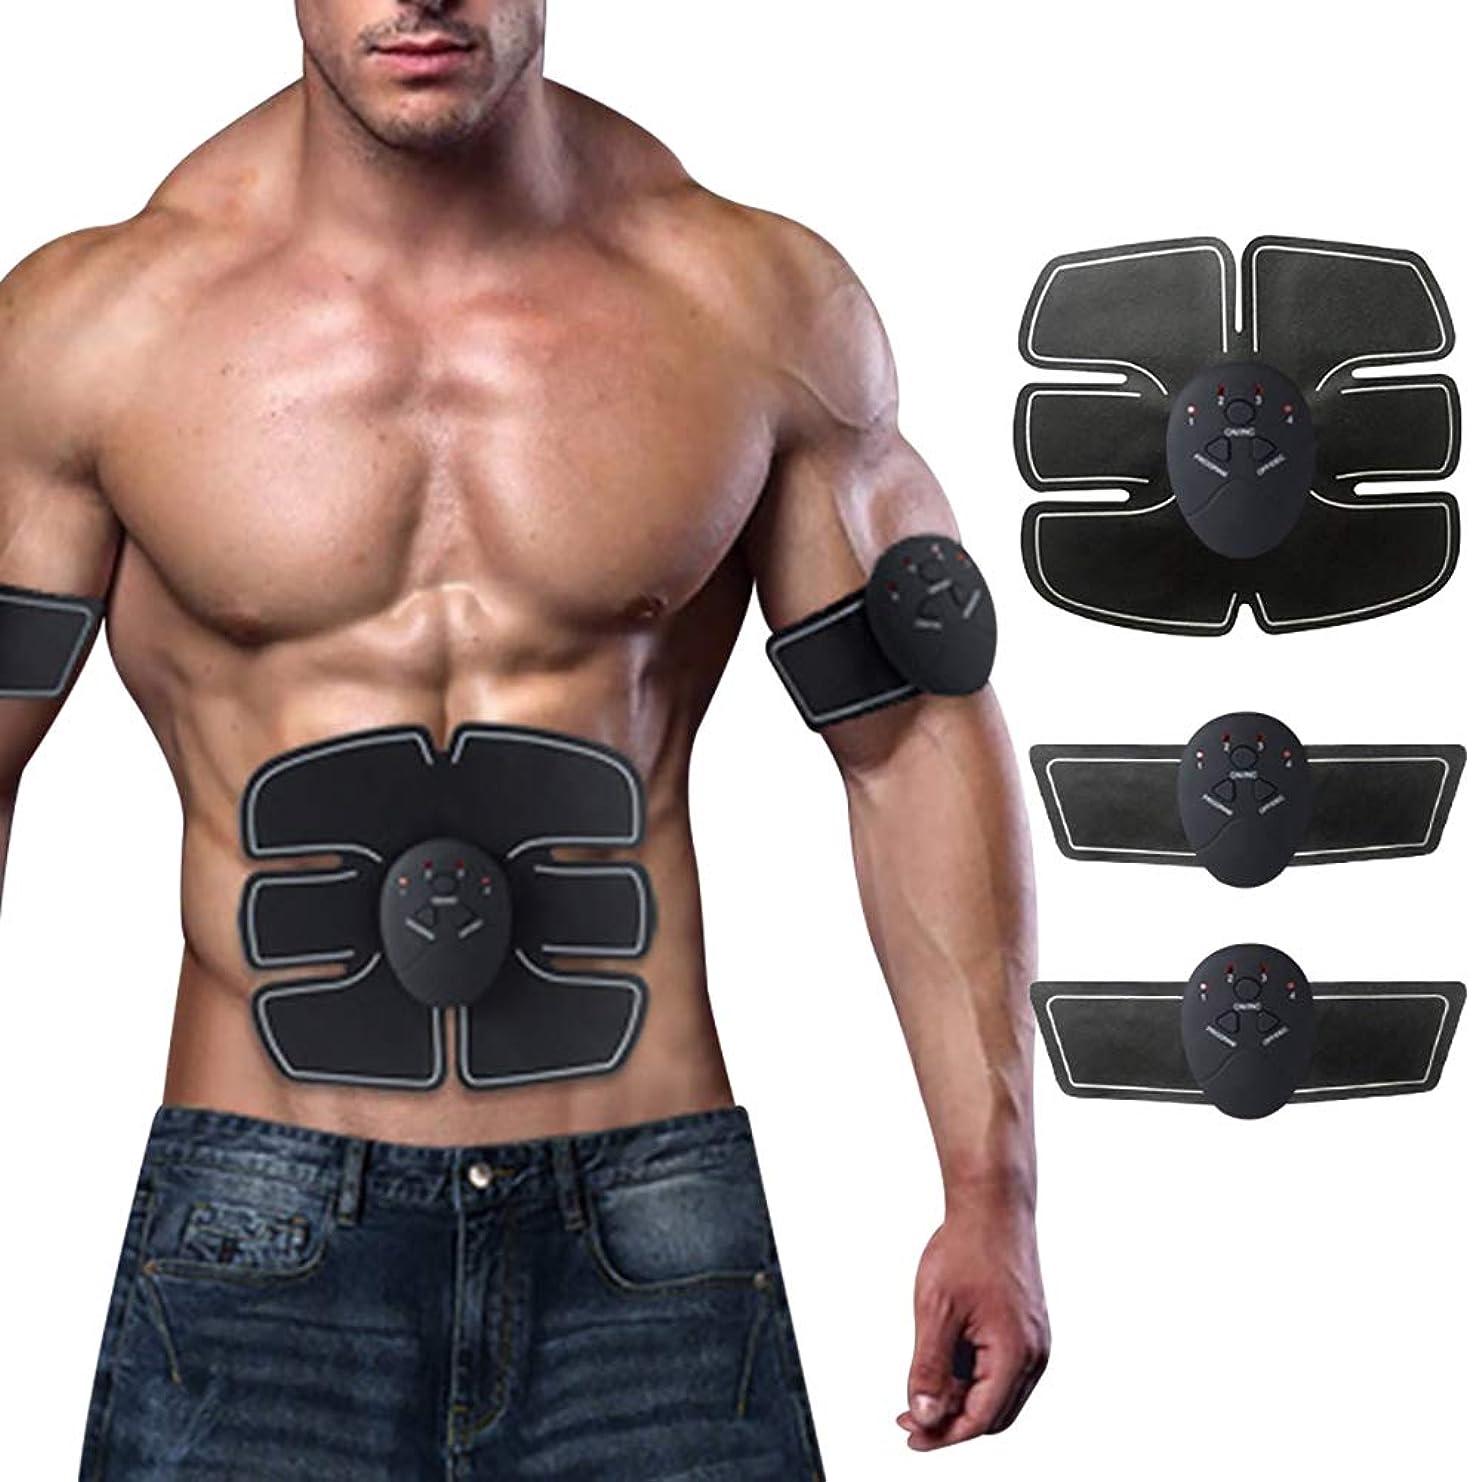 どうやら権限落ち着いたスマートフィットネス腹部器具、EMSテクノロジー腹部および腕筋刺激トレーナー筋肉運動怠Exerciseな家族フィットネス機器,A,Charging